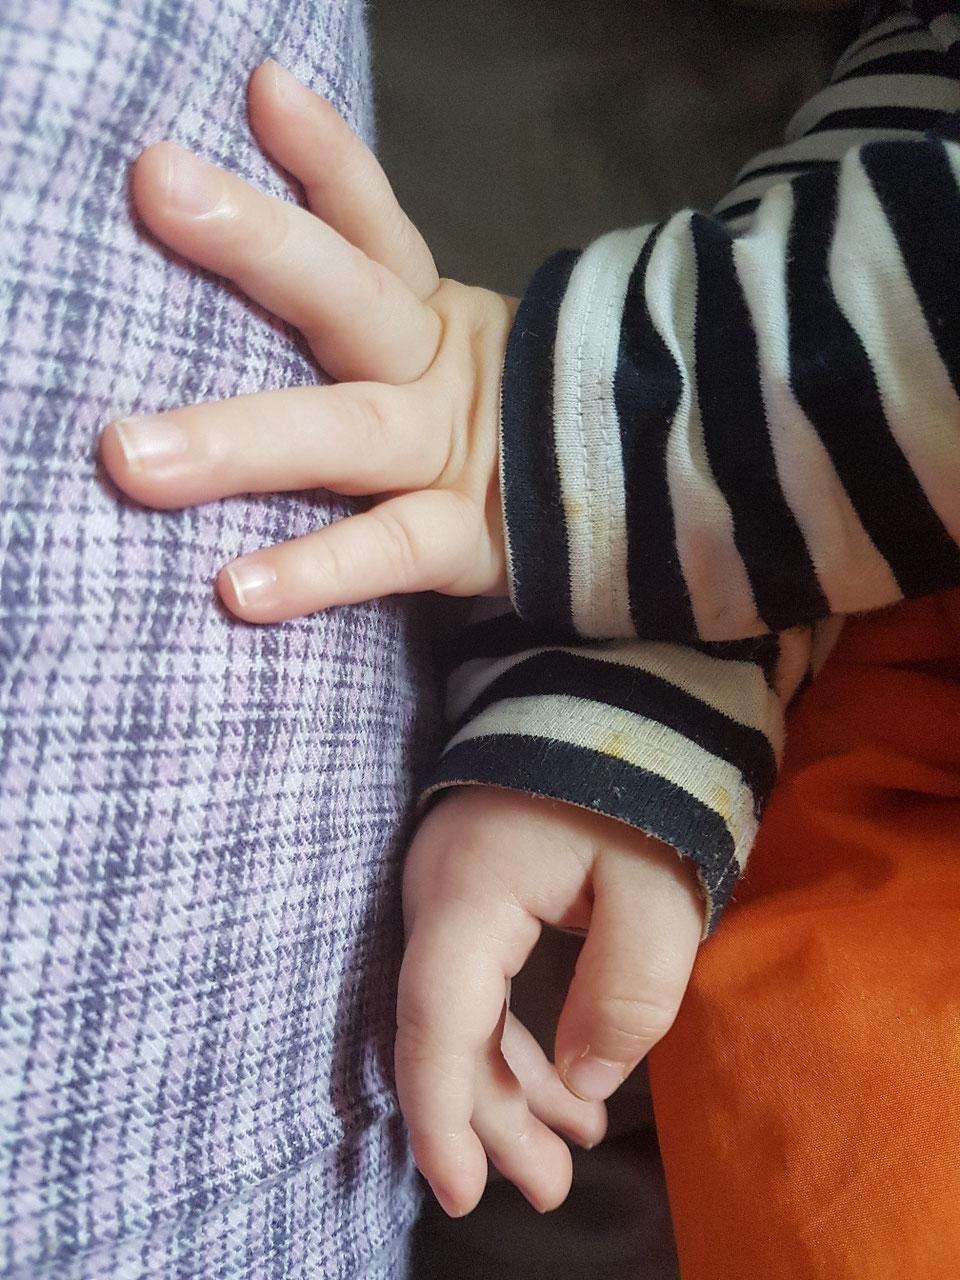 Babyhand berührt das Bein seiner Mama. Symbolbild zum Brief zum ersten Geburtstag auf Mama-Blog Patschehand.de.